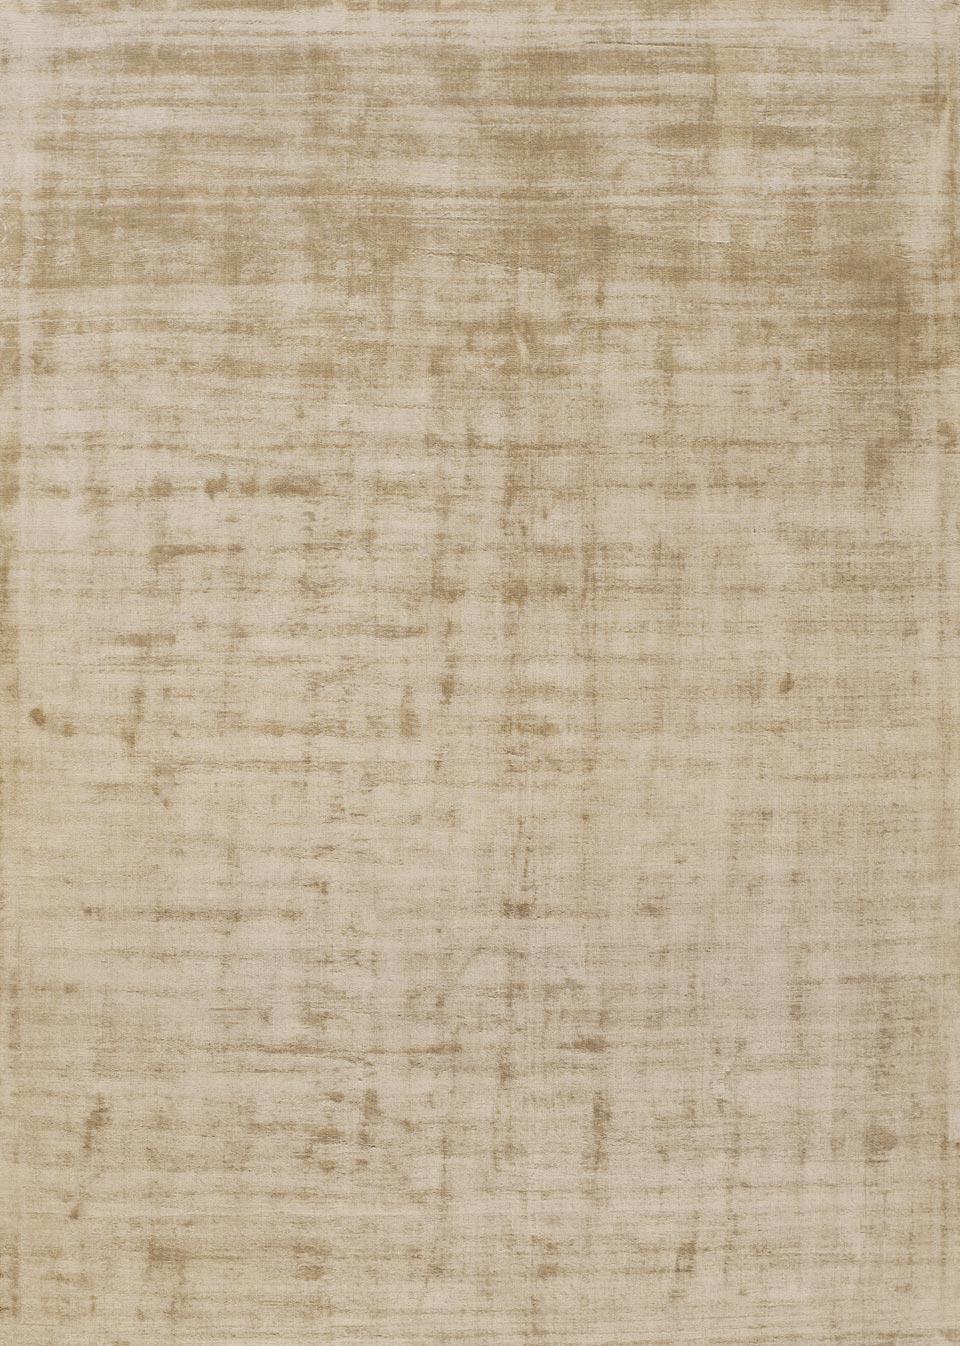 Tons marron clair tissé main soie végétale 100% Tencel® - Toulemonde ...